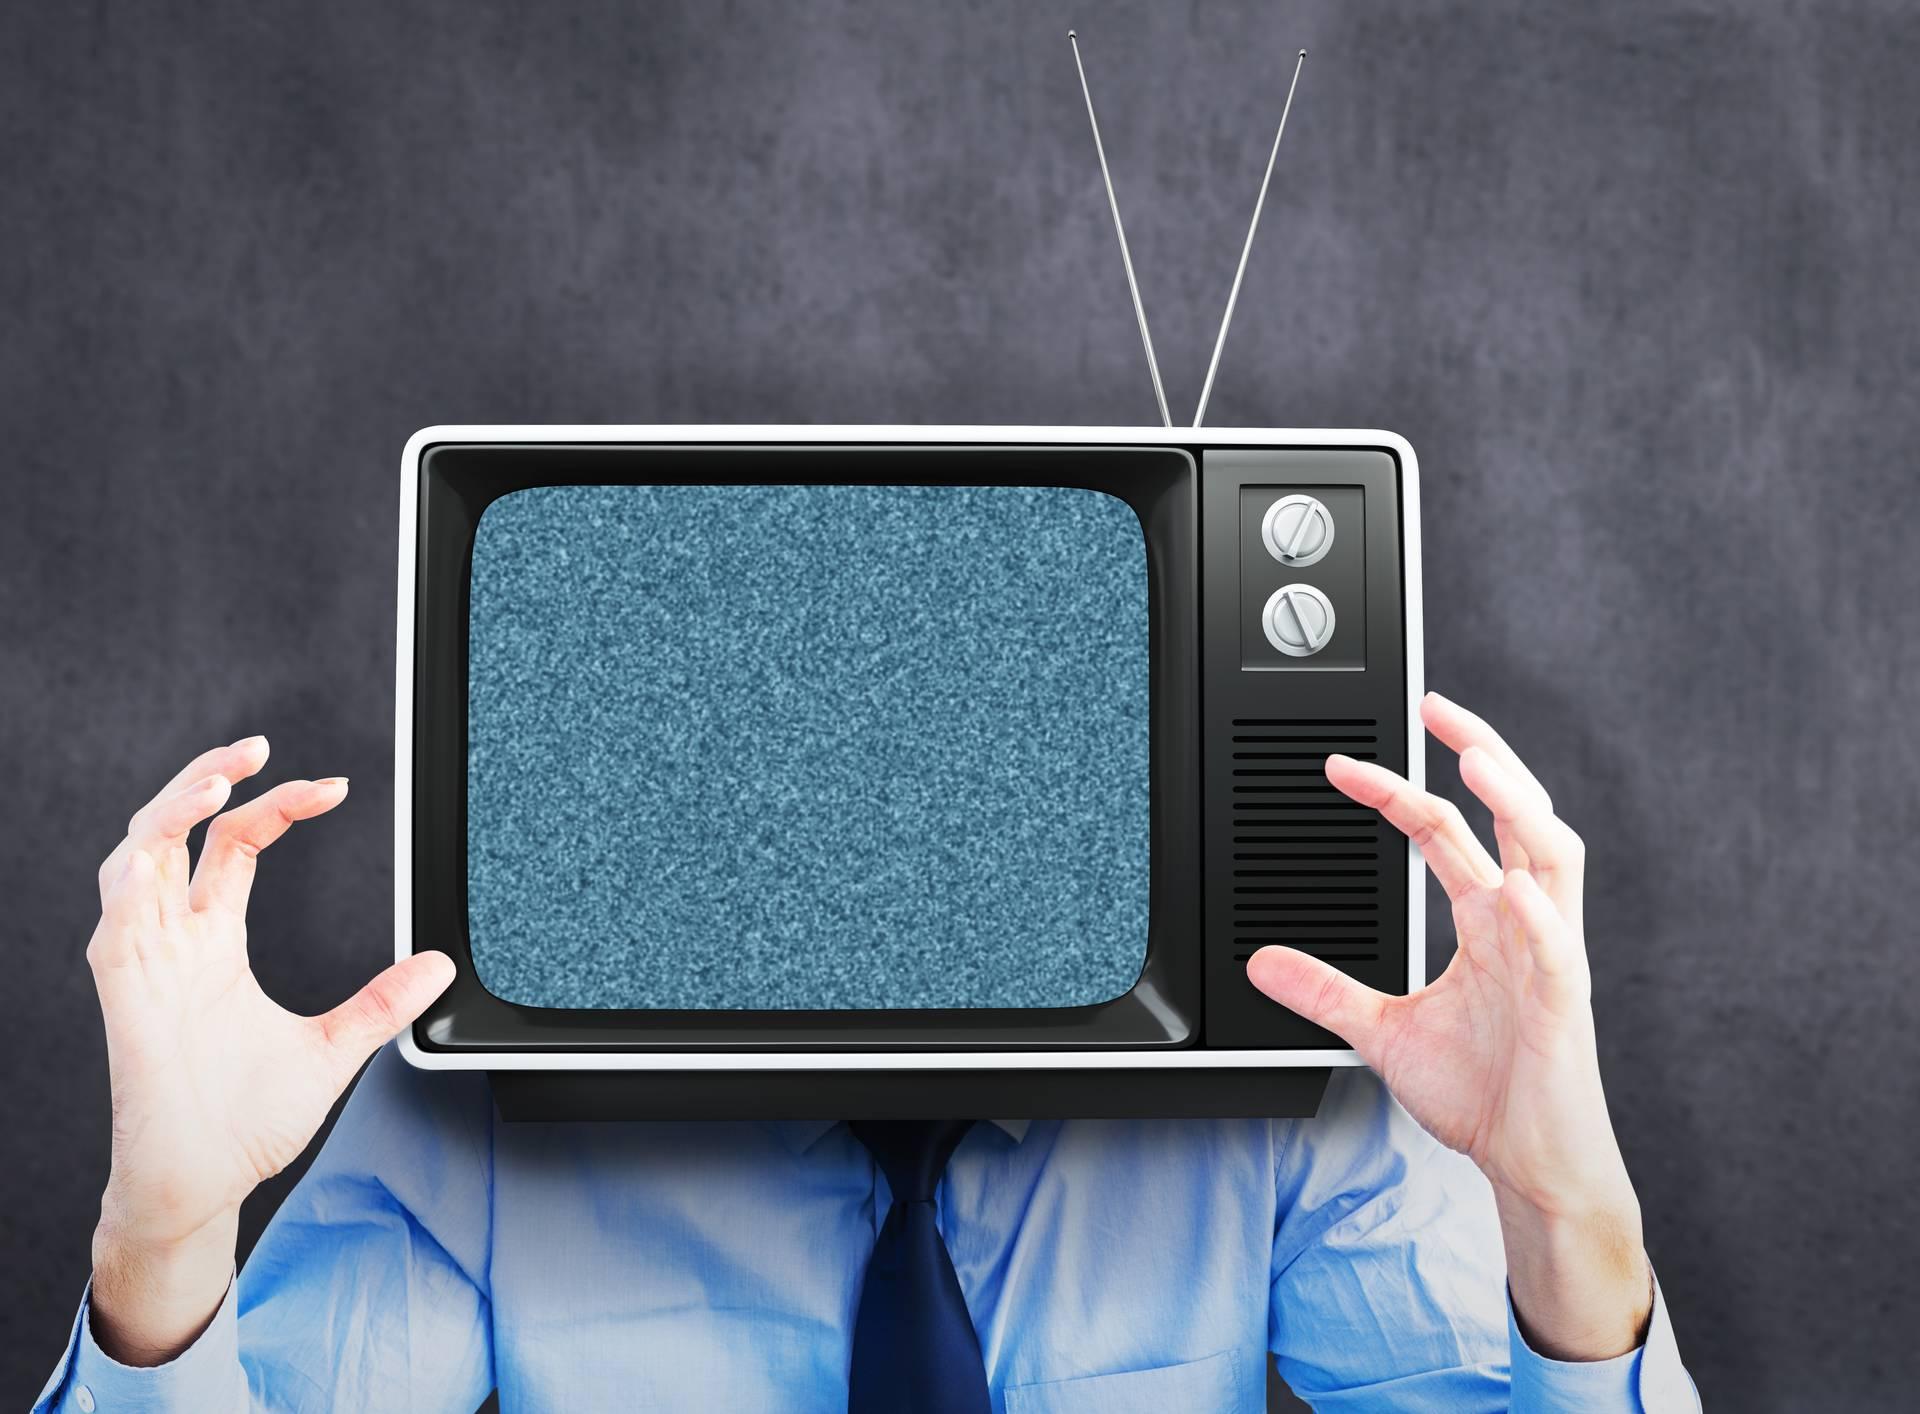 Tko želi odjaviti televizor ne treba plaćati javnog bilježnika